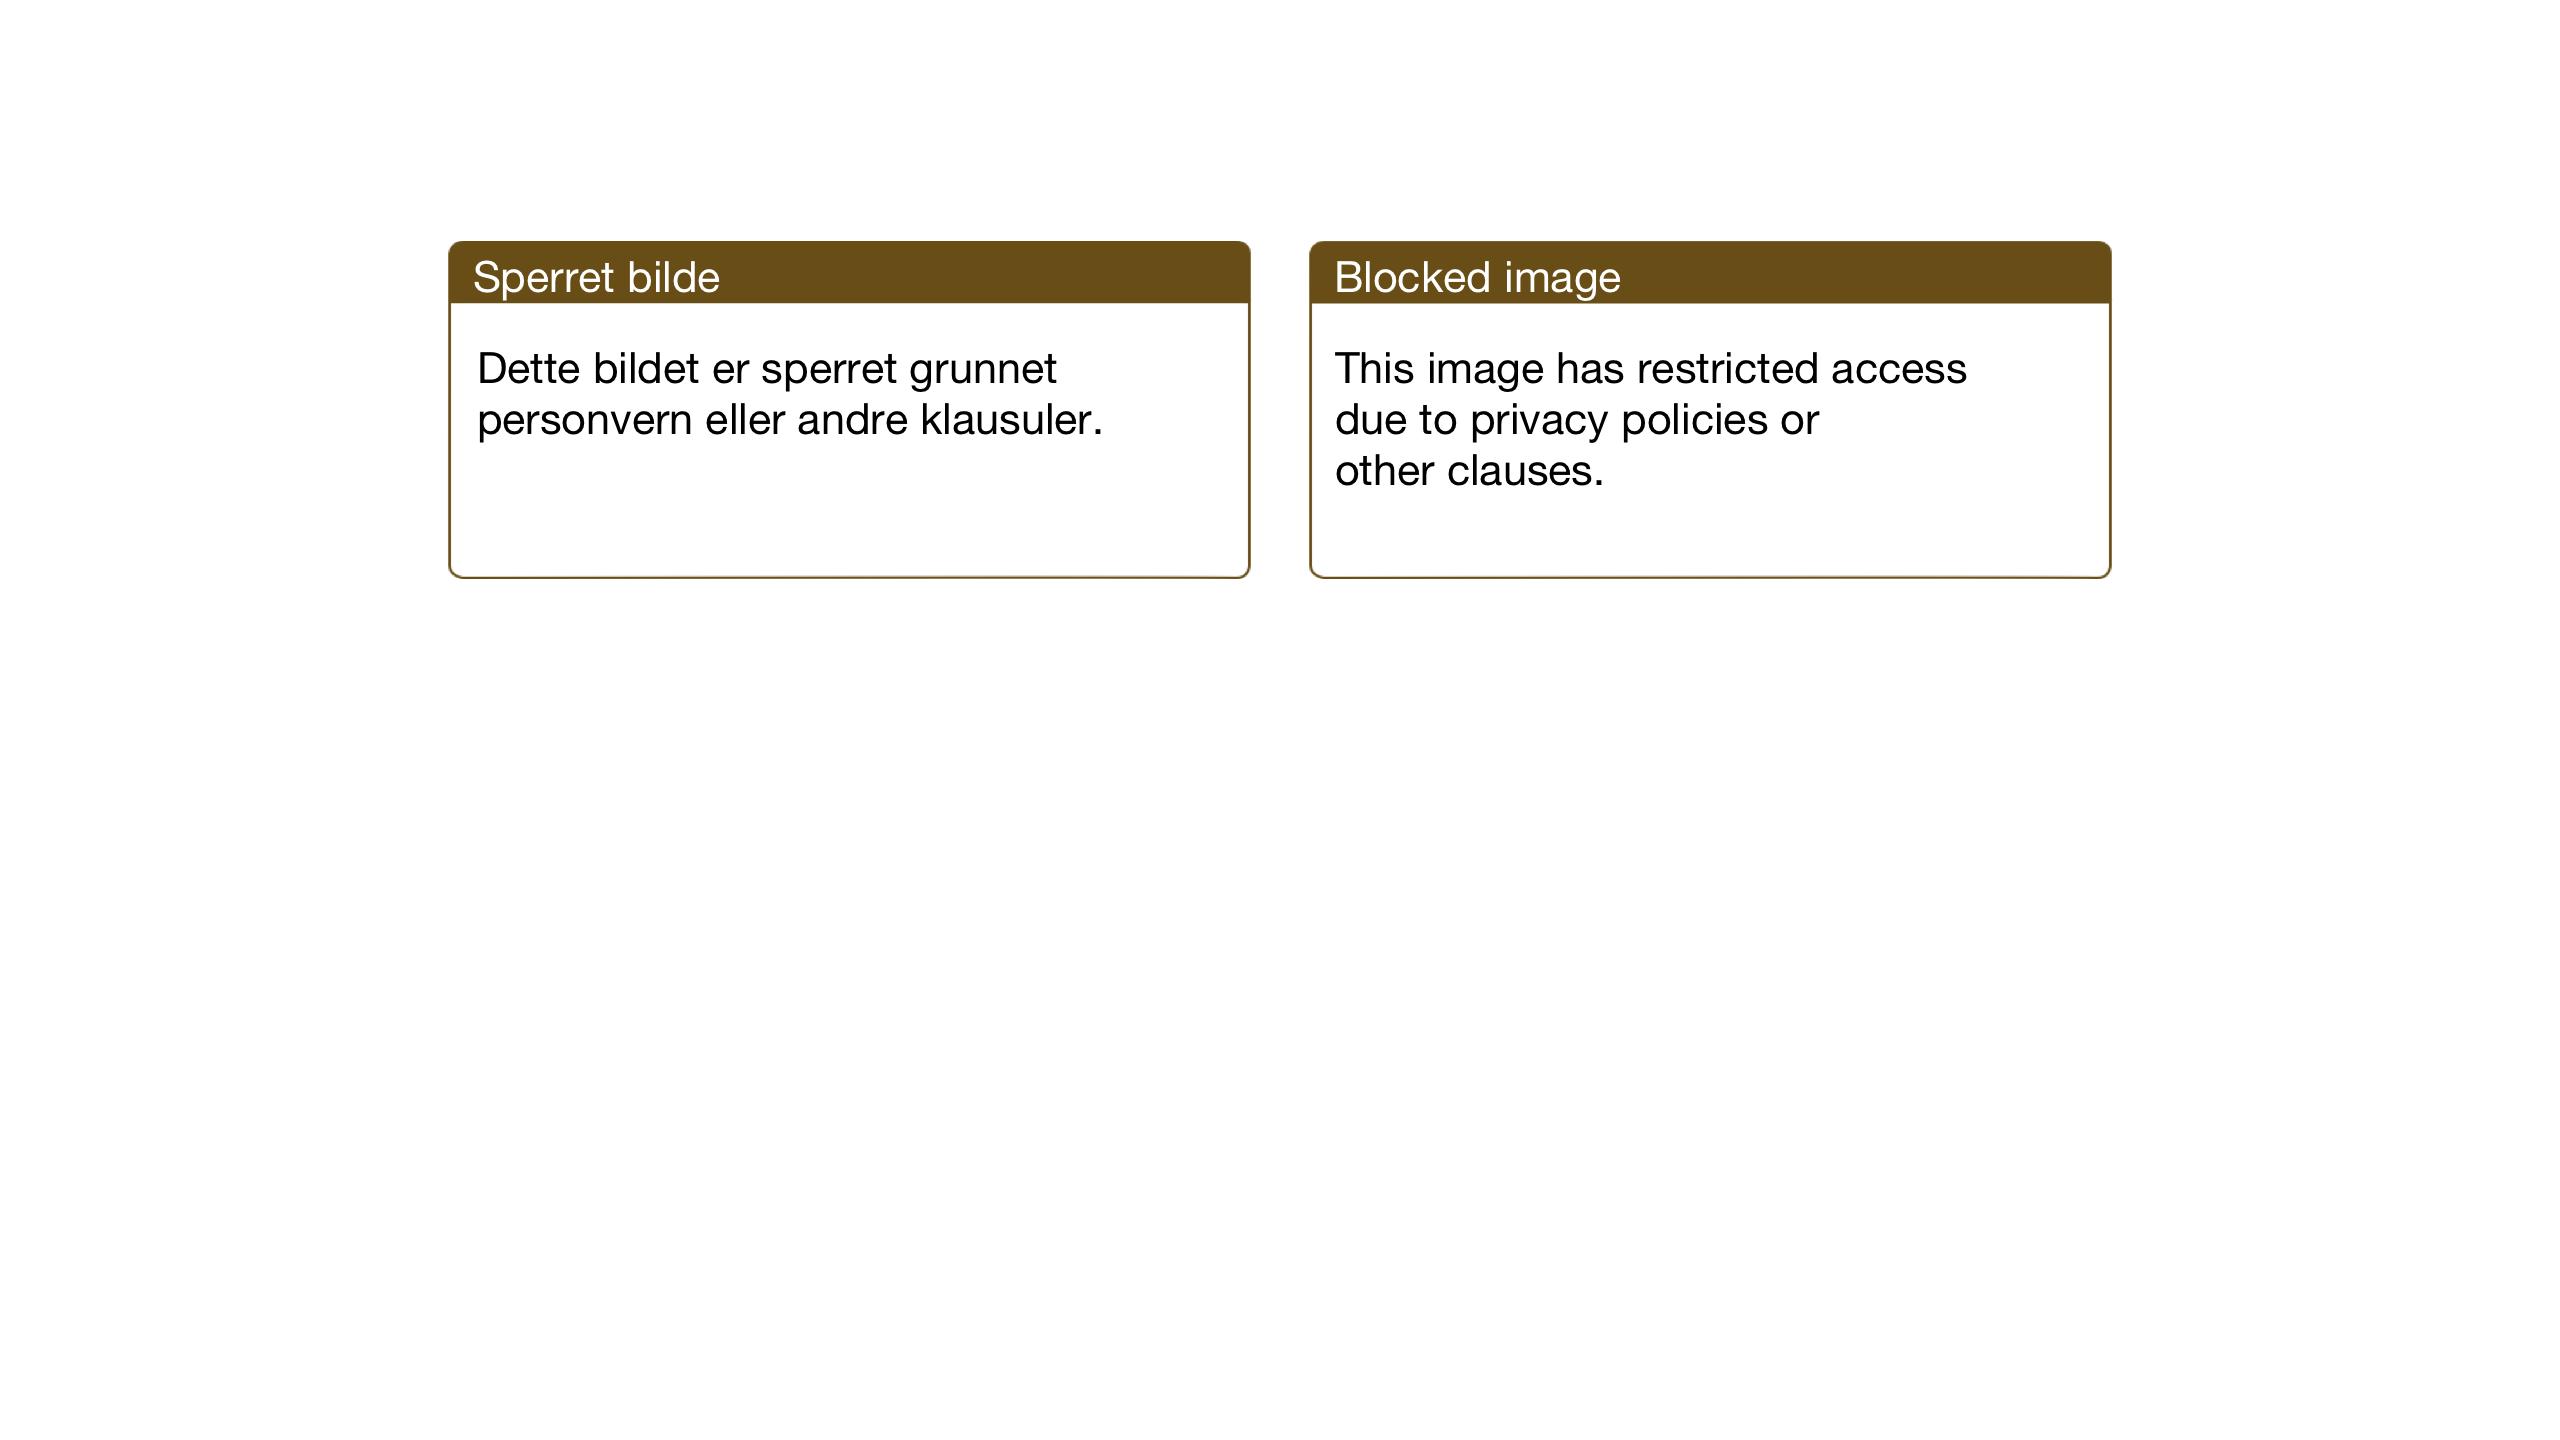 SAT, Ministerialprotokoller, klokkerbøker og fødselsregistre - Sør-Trøndelag, 674/L0877: Klokkerbok nr. 674C04, 1913-1940, s. 75